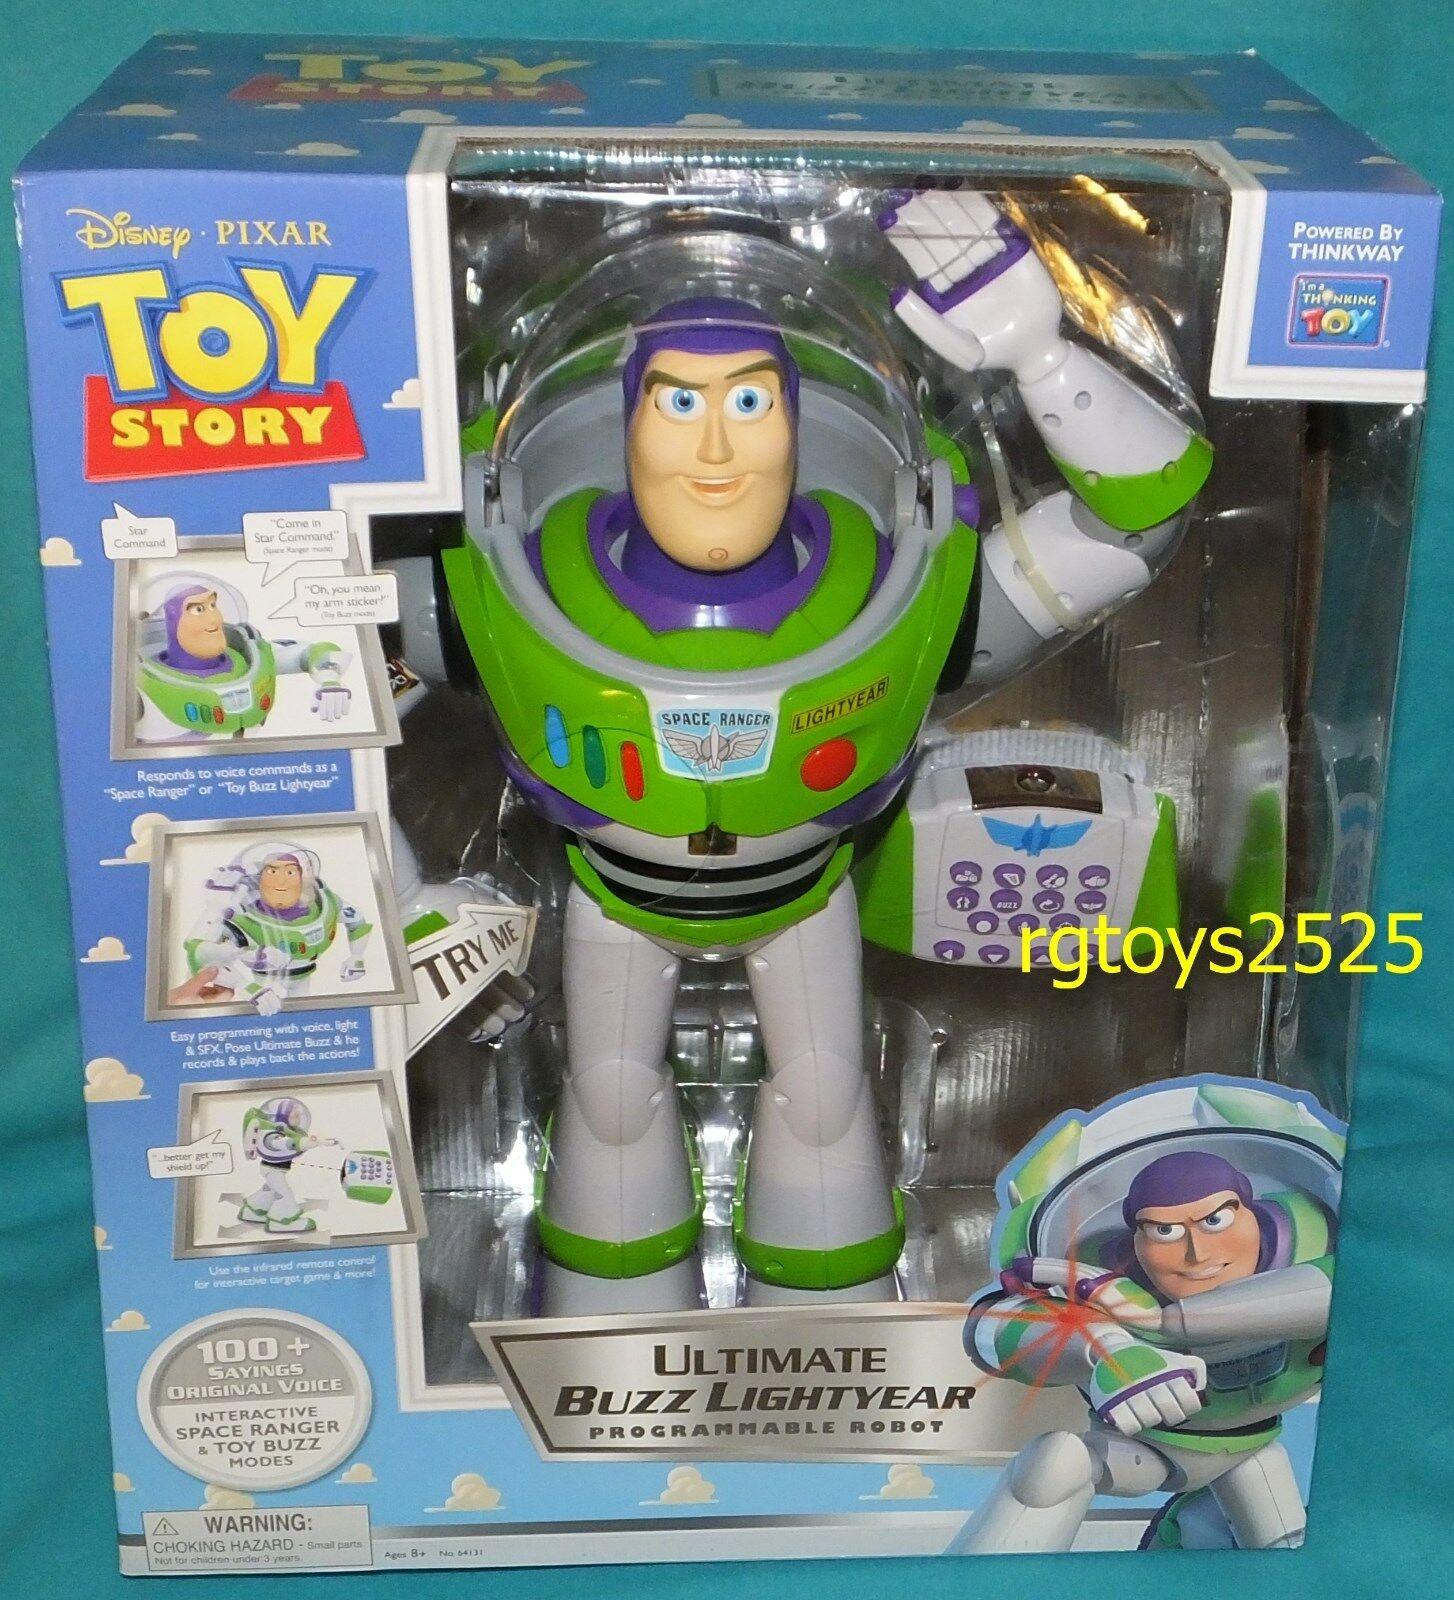 disney toy story 3 ultimate buzz lightyear programmable robot ebay